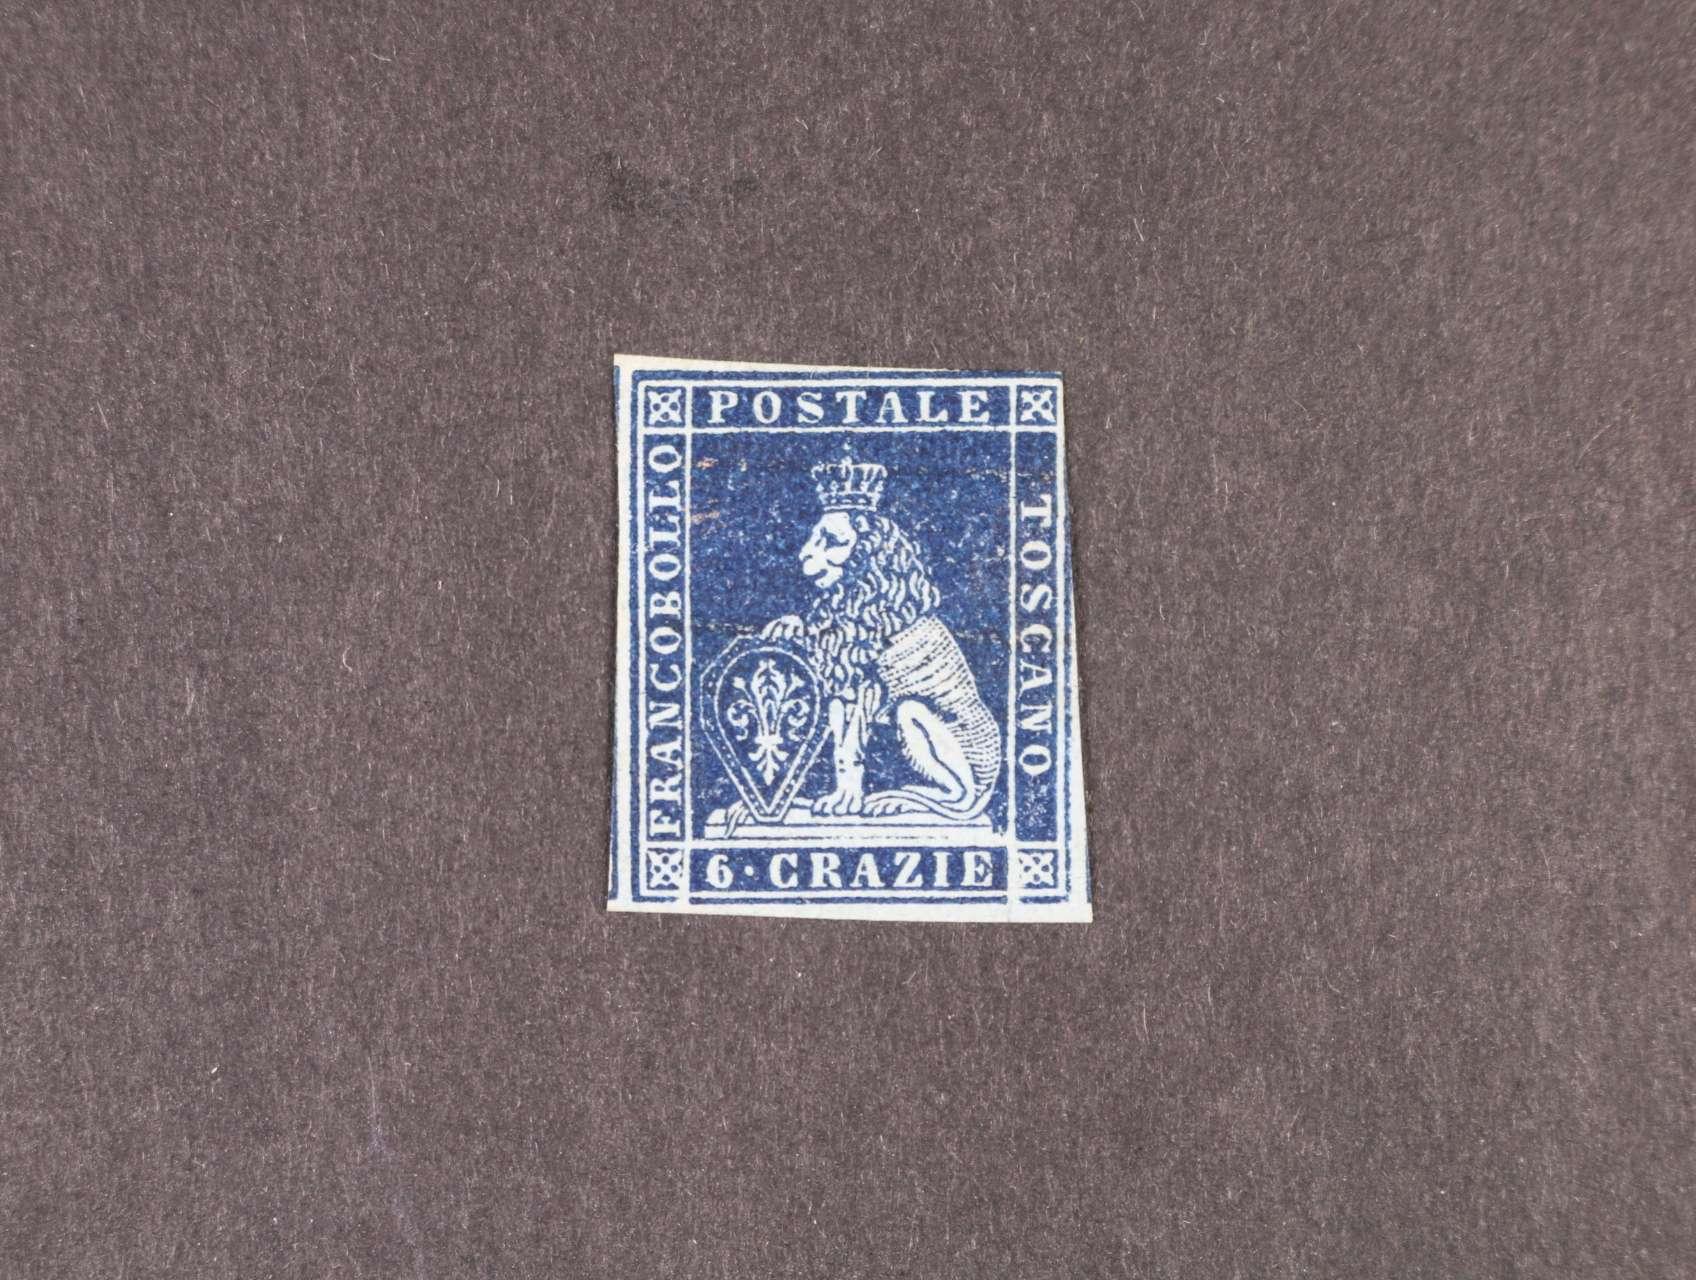 Toskánsko - zn. Sassone č. 7y původní lep, zk. Diena, atest Matl, velmi pěkný zachovalý exemplář